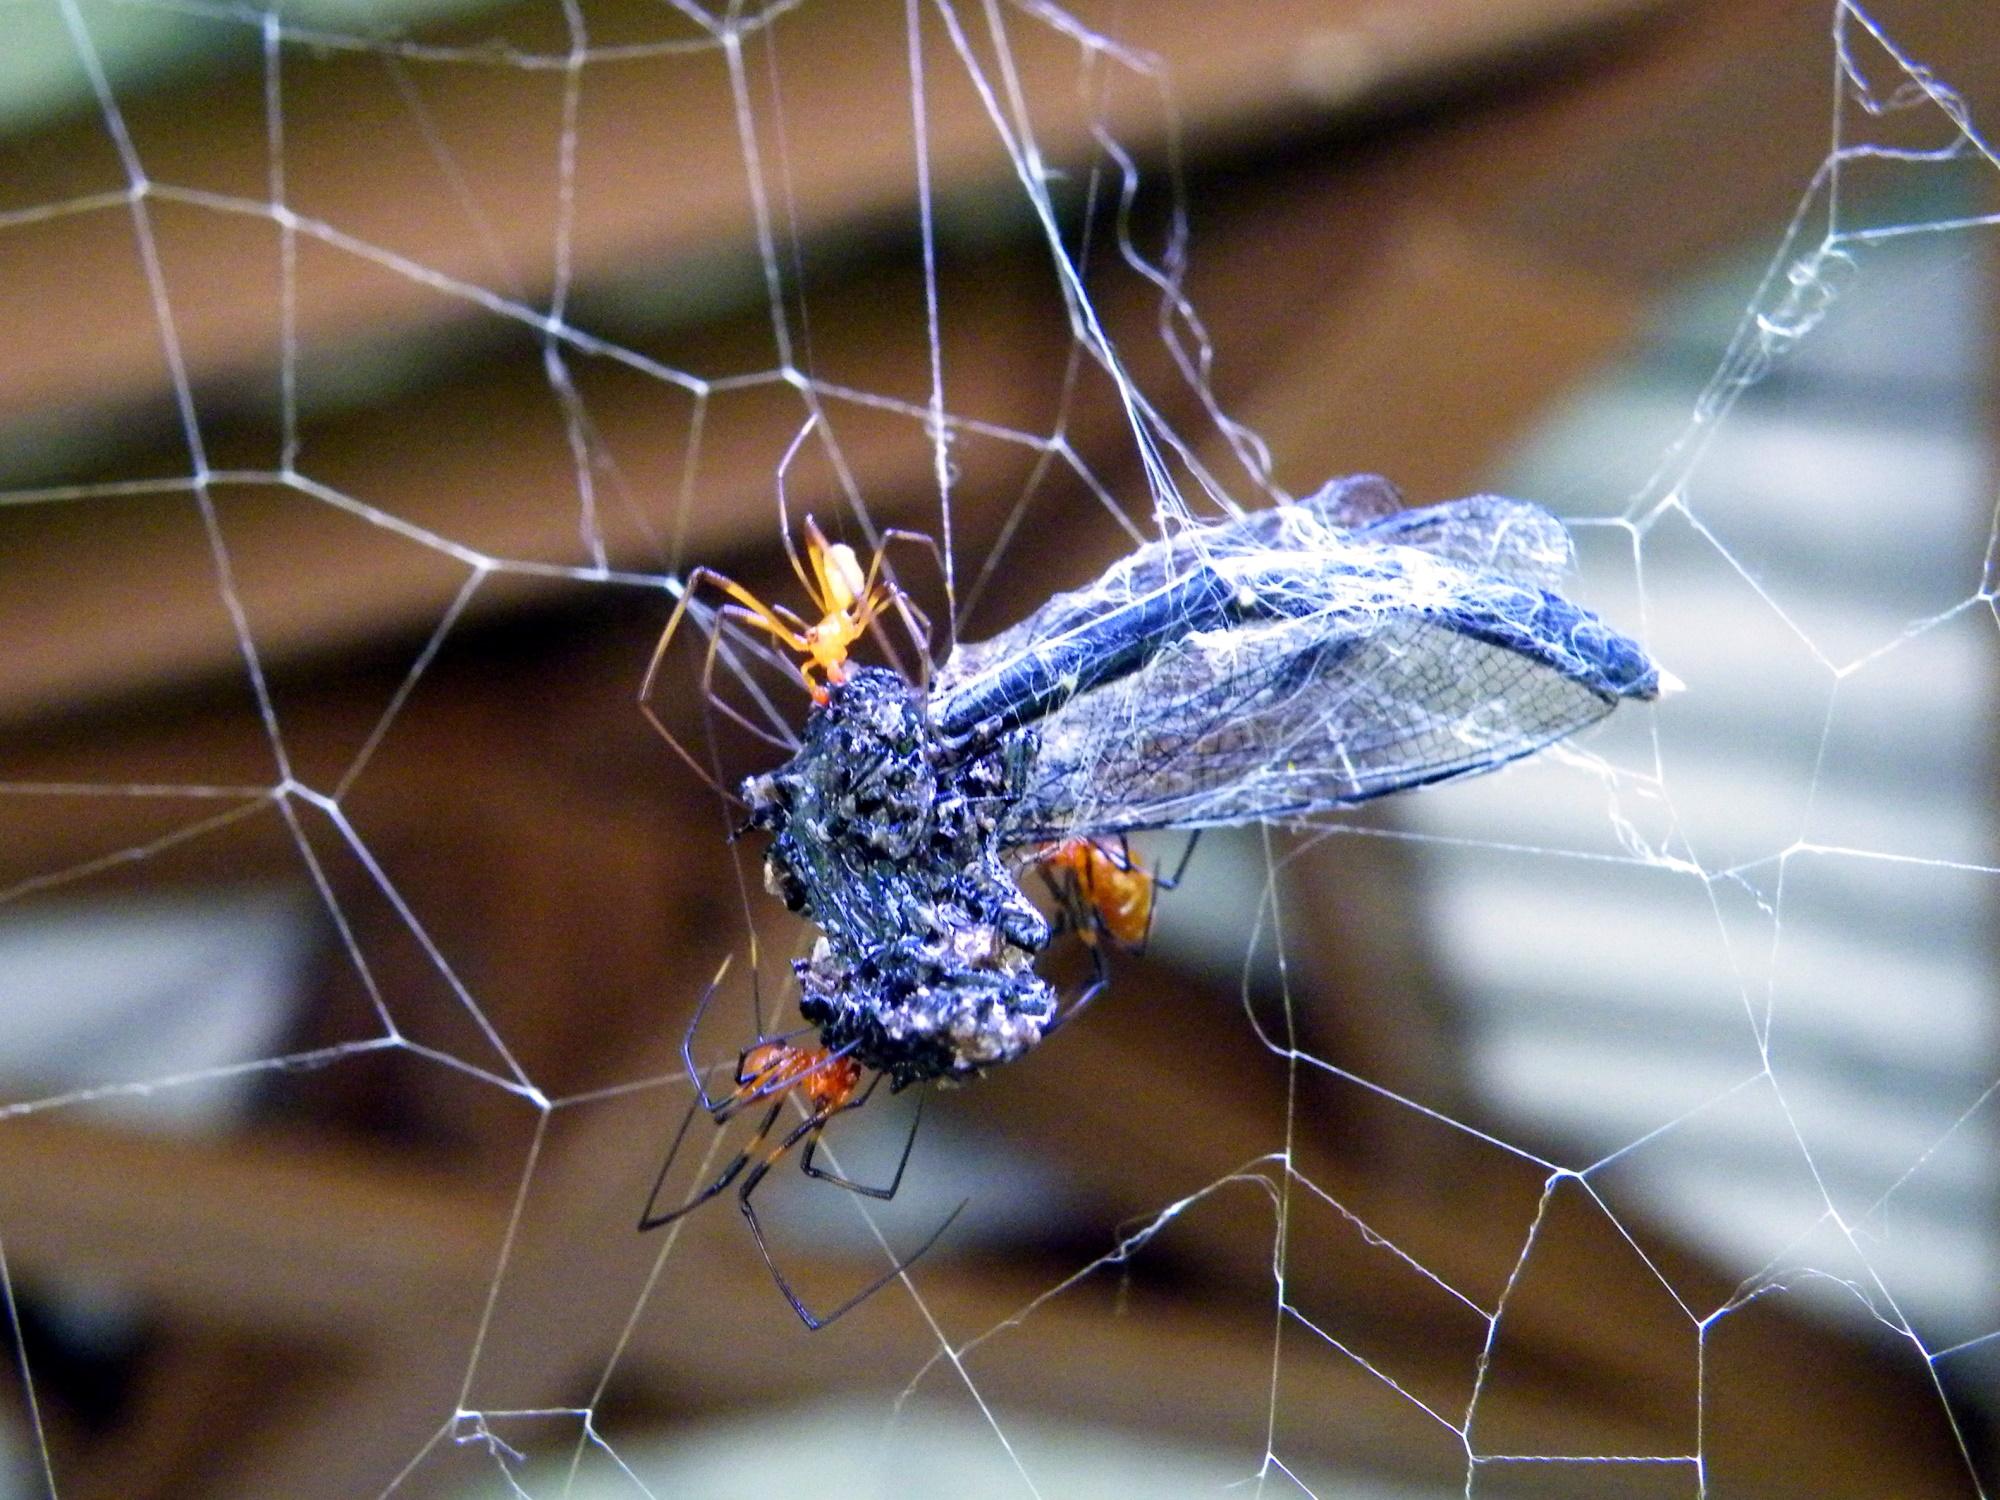 圖五:赤腹寄居姬蛛趁房東不在場,偷吃蜘蛛網捕到的一隻豆娘。